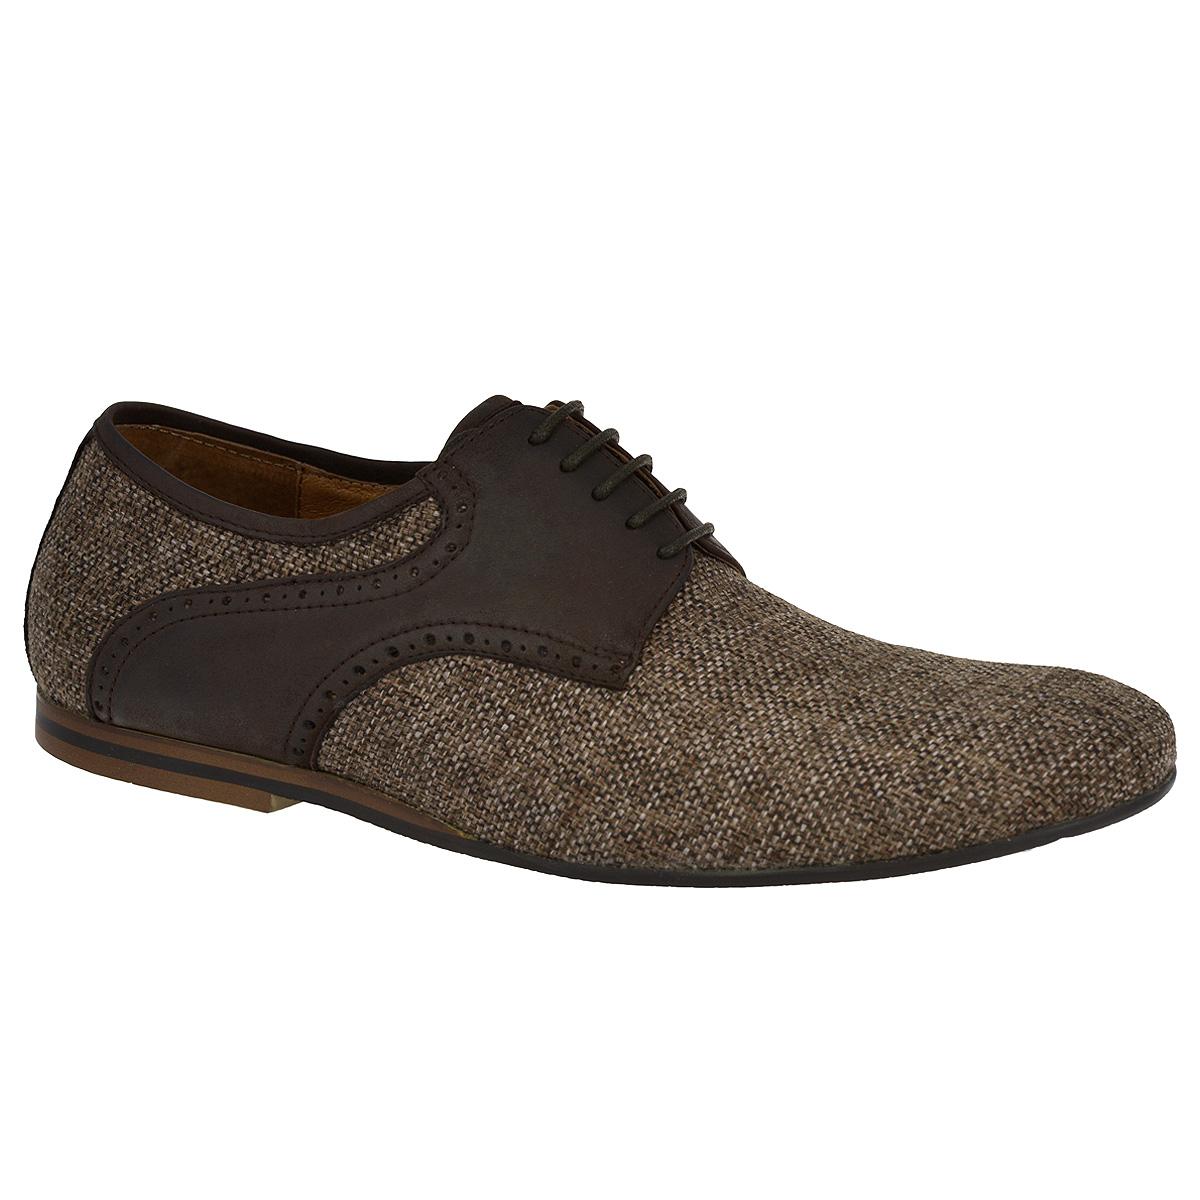 M4034Стильные мужские туфли Vitacci внесут элегантные нотки в модный образ. Модель изготовлена из плотного текстиля, оформленного декоративным плетением, и украшена вставками из натуральной кожи с перфорацией, задним ремнем. Шнуровка прочно зафиксирует модель на вашей ноге. Стелька из натуральной кожи позволит ногам дышать. Невысокий каблук и подошва, выполненные из полиуретана, стилизованы под дерево. Изысканные туфли не оставят равнодушным ни одного мужчину.